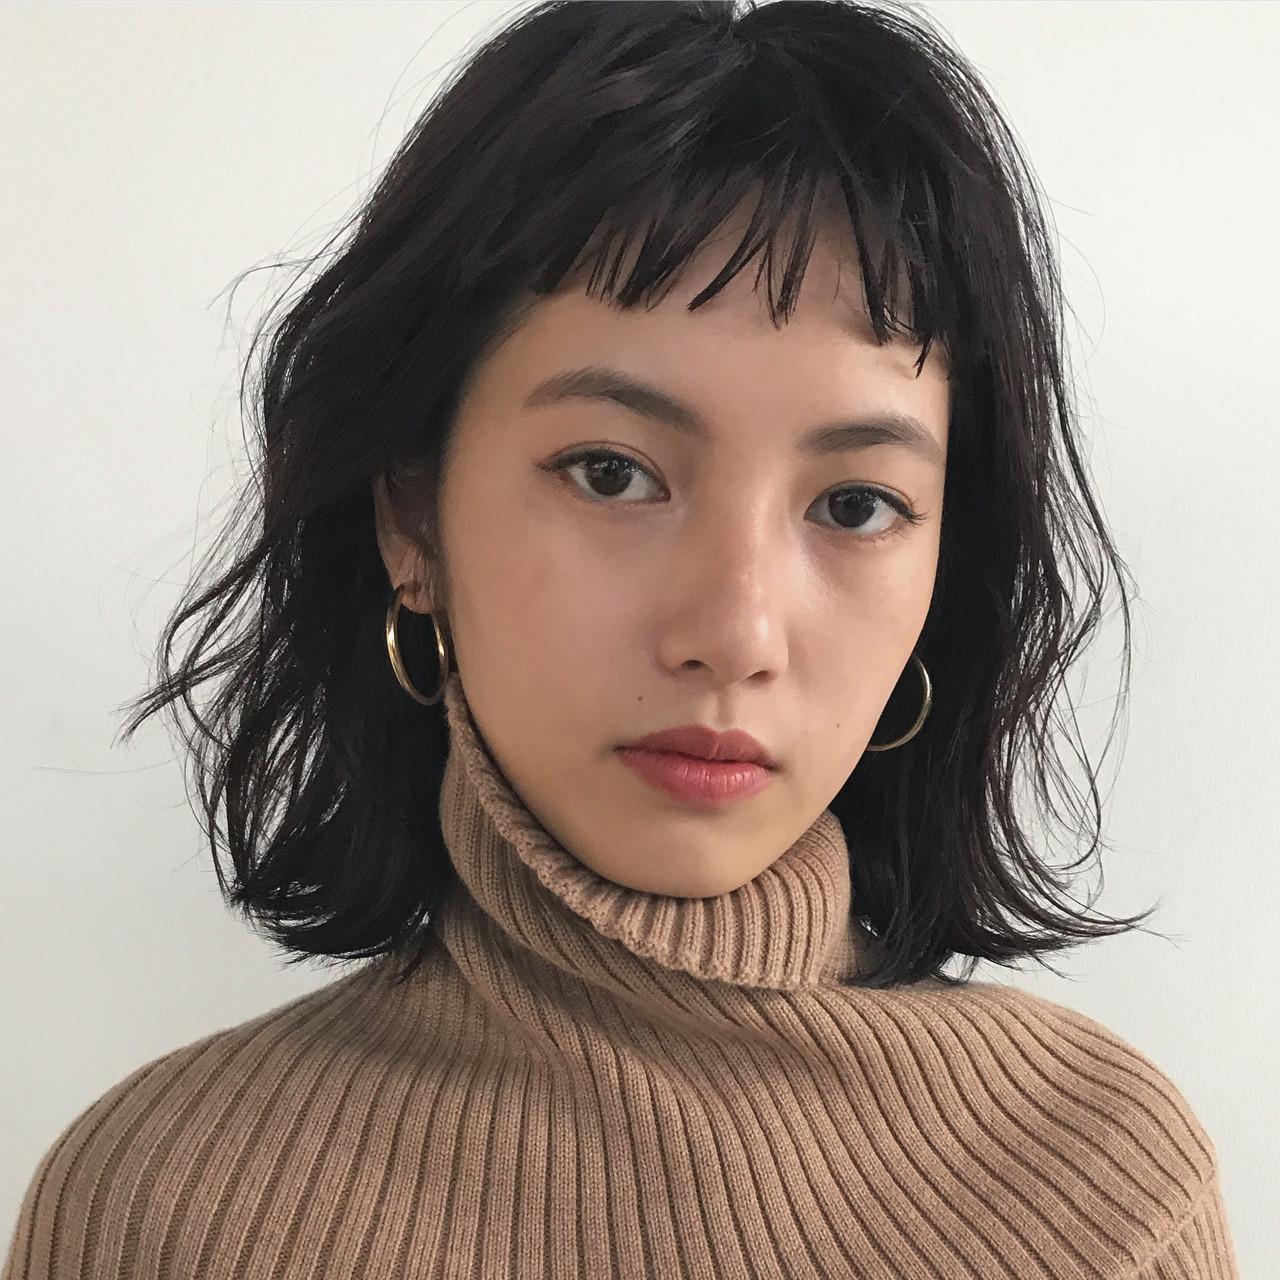 ゆるふわ ナチュラル ミディアム ウェーブ ヘアスタイルや髪型の写真・画像 | 高橋 忍 / nanuk渋谷店(ナヌーク)